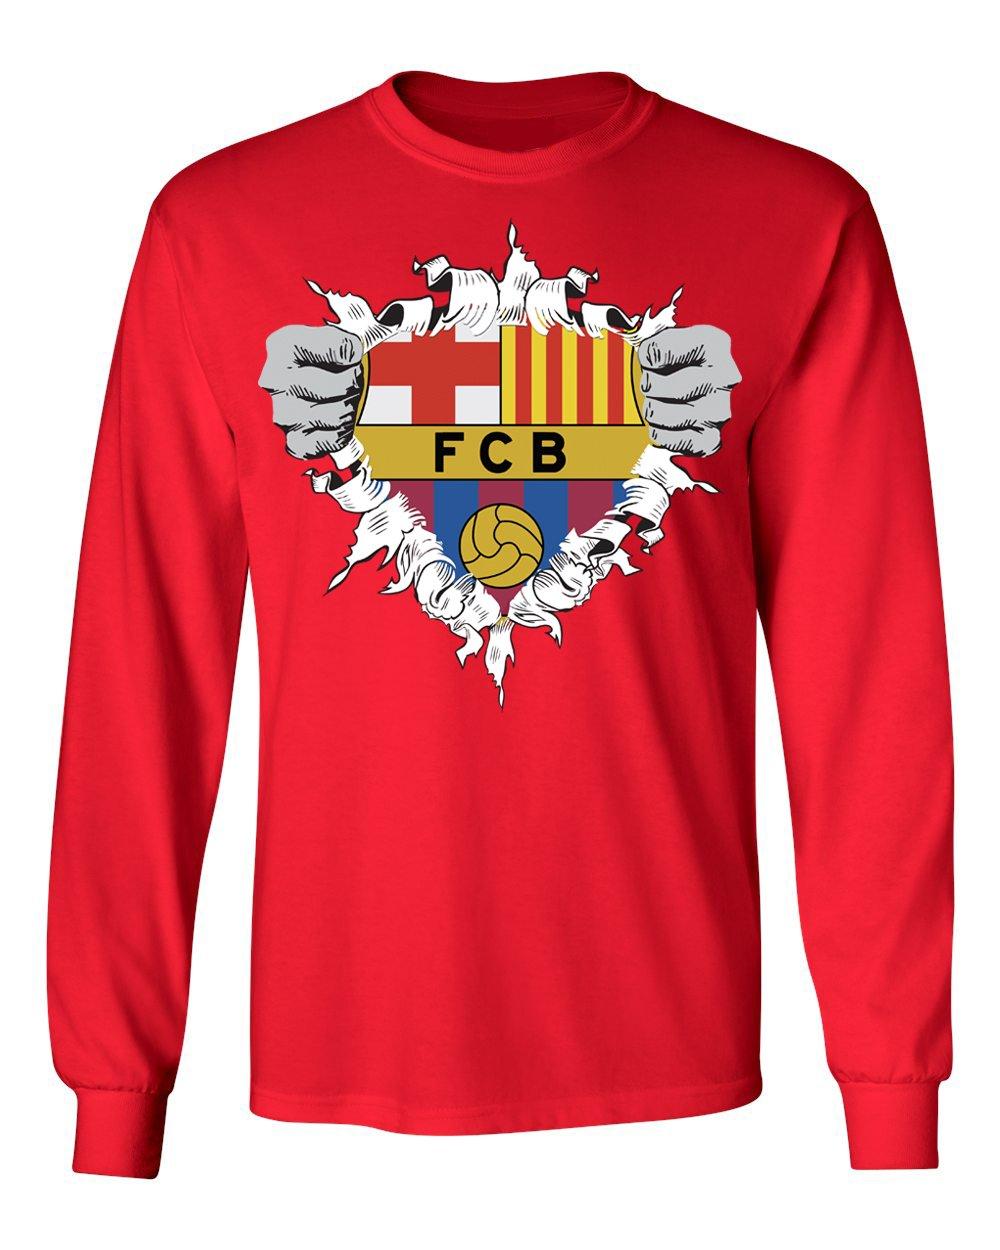 ふるさと納税 Smartzone レッド Futbol B0765S94LQ Club Large BarcelonaスーパーヒーローロゴSoccer Football Futbolメンズ長袖Tシャツ Youth Large レッド B0765S94LQ, エミトップ:6e68bf44 --- narvafouette.eu